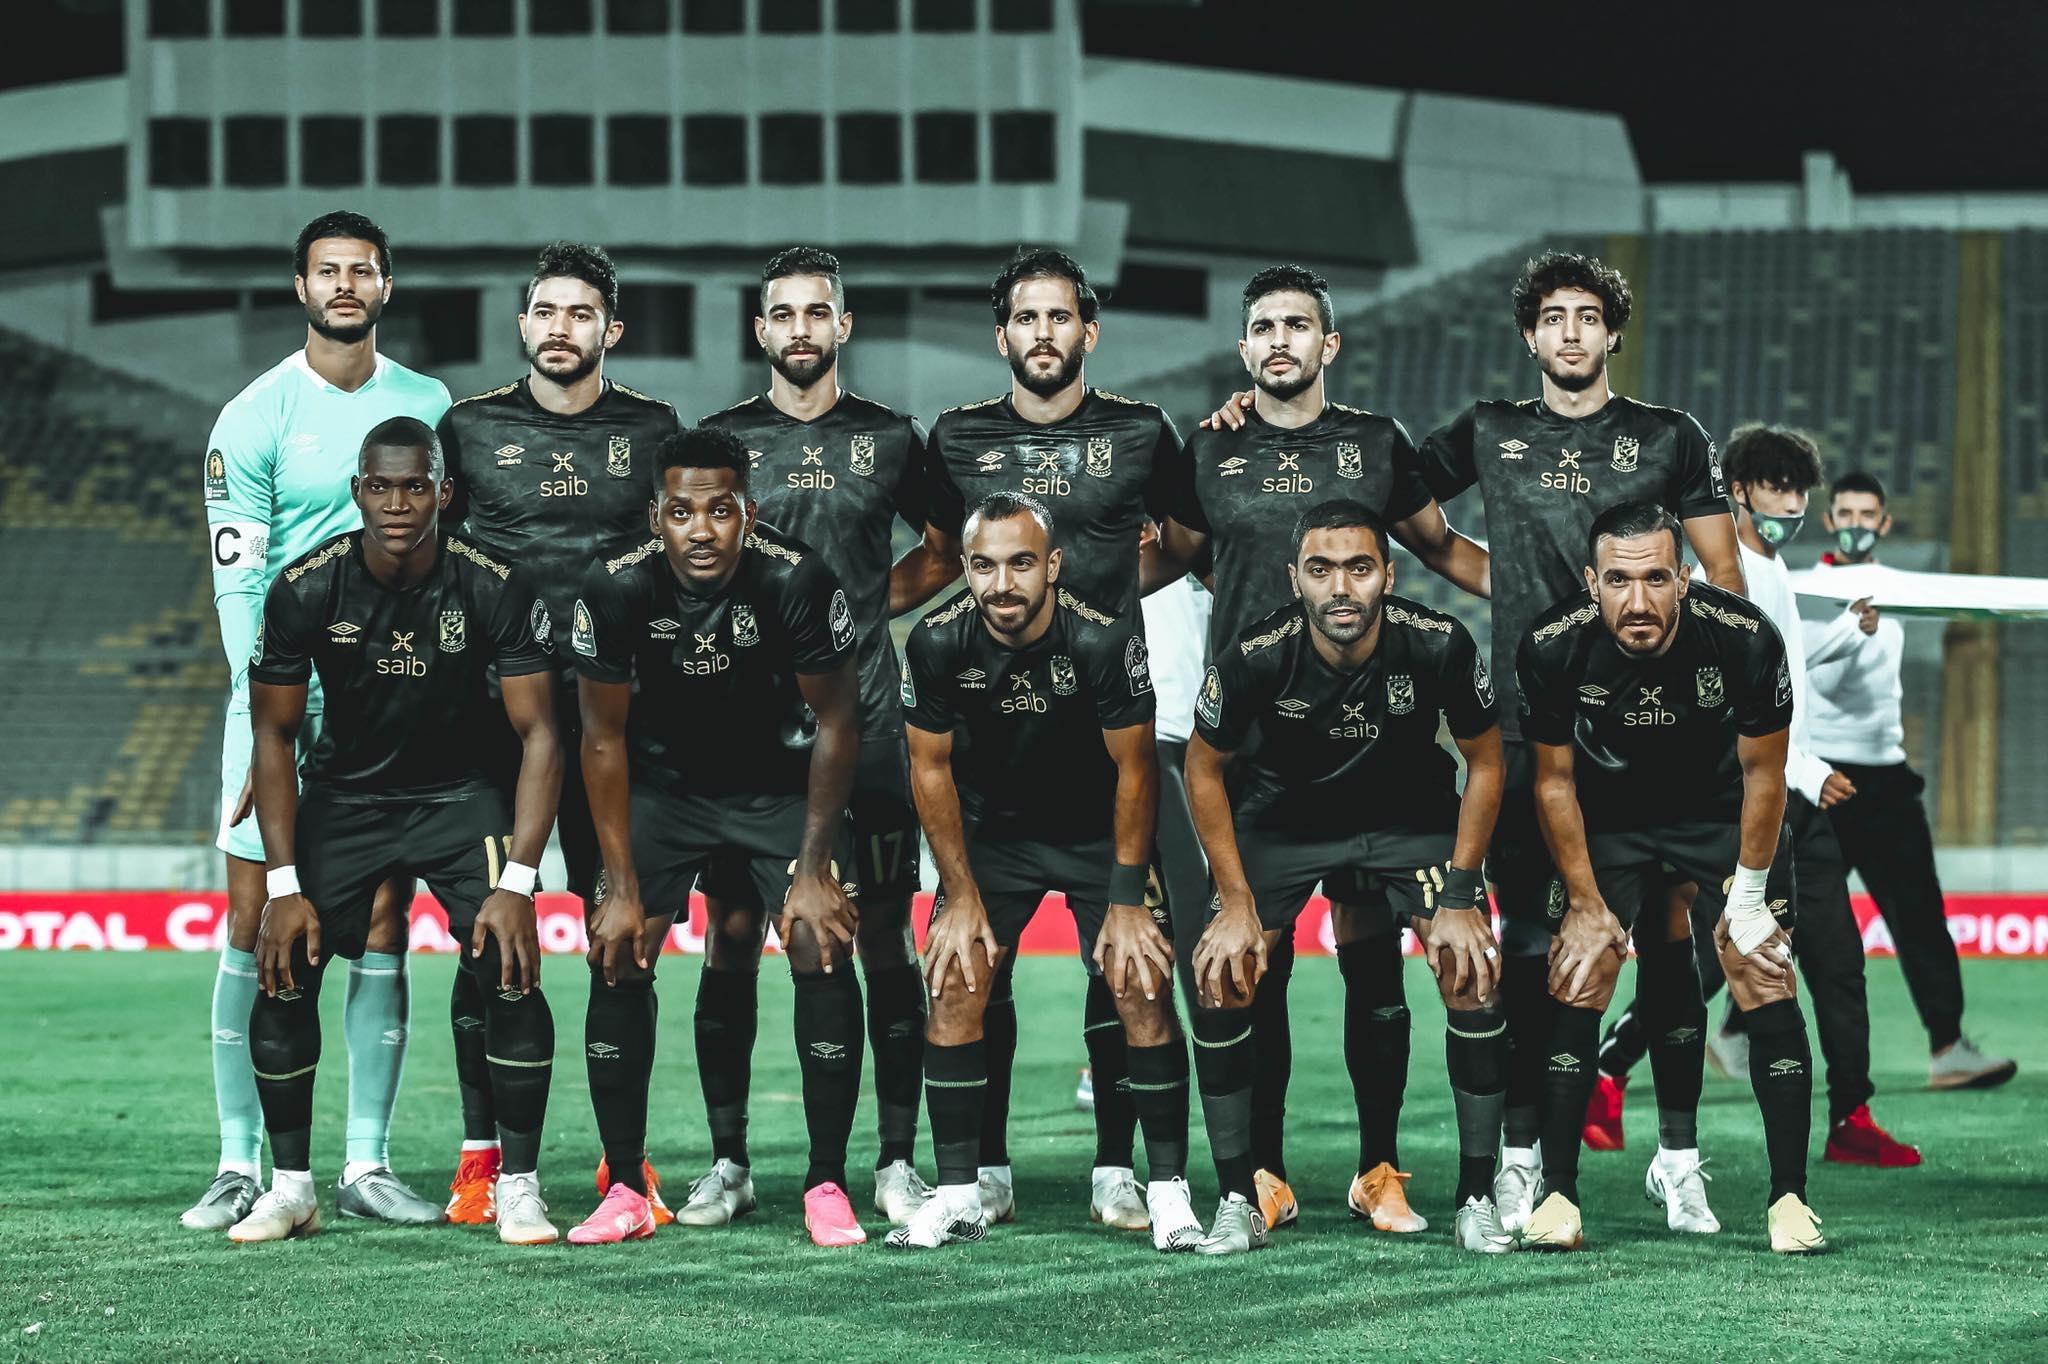 مباراة الأهلي والوداد في ذهاب نصف نهائي دوري أبطال إفريقيا